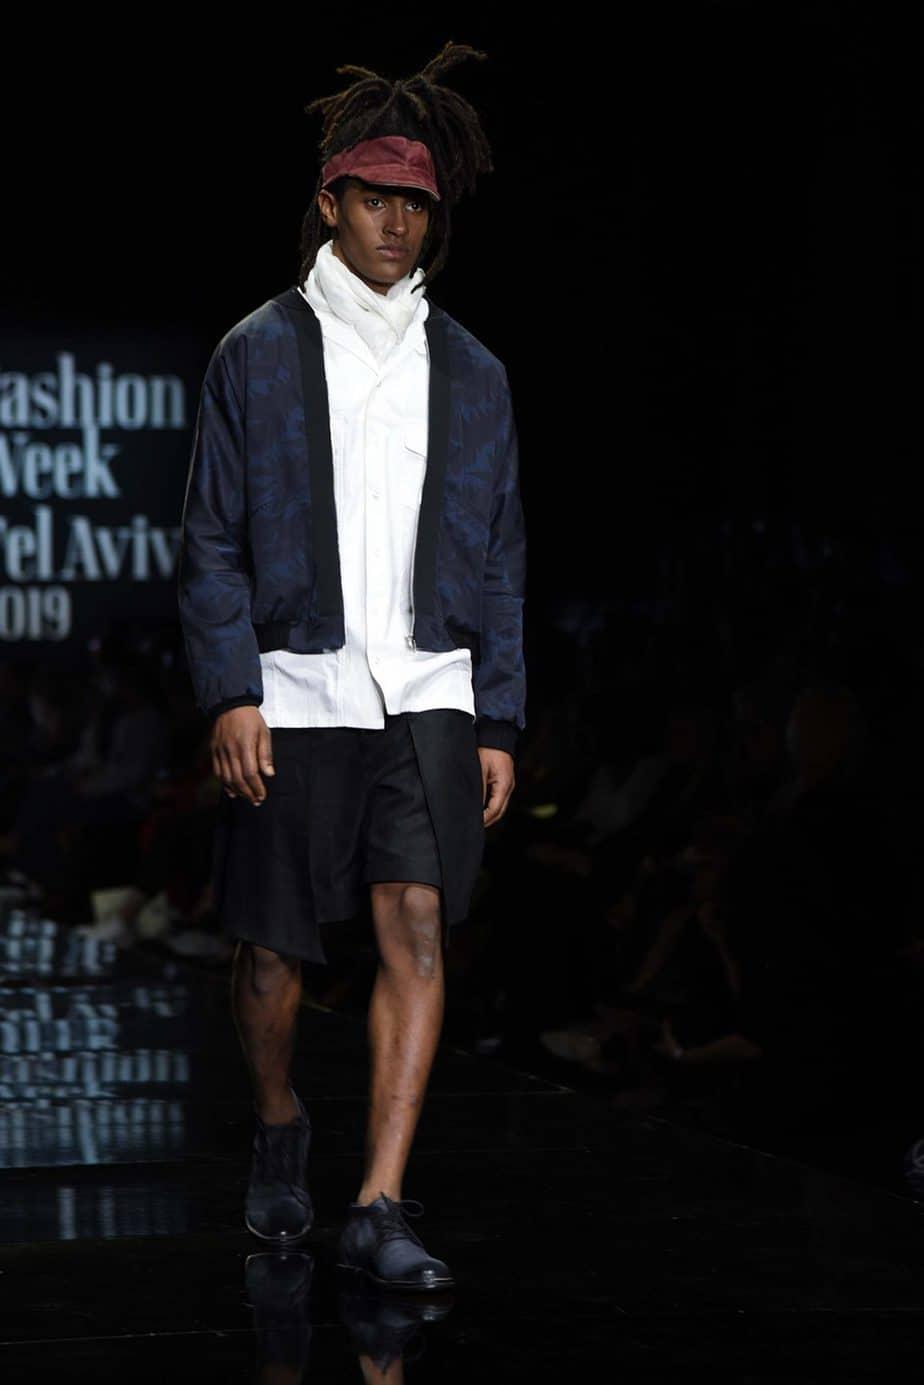 ענר שבח ל-Aner 5777. חממת מפעל הפיס. שבוע האופנה תל אביב 2019. צילום: לימור יערי